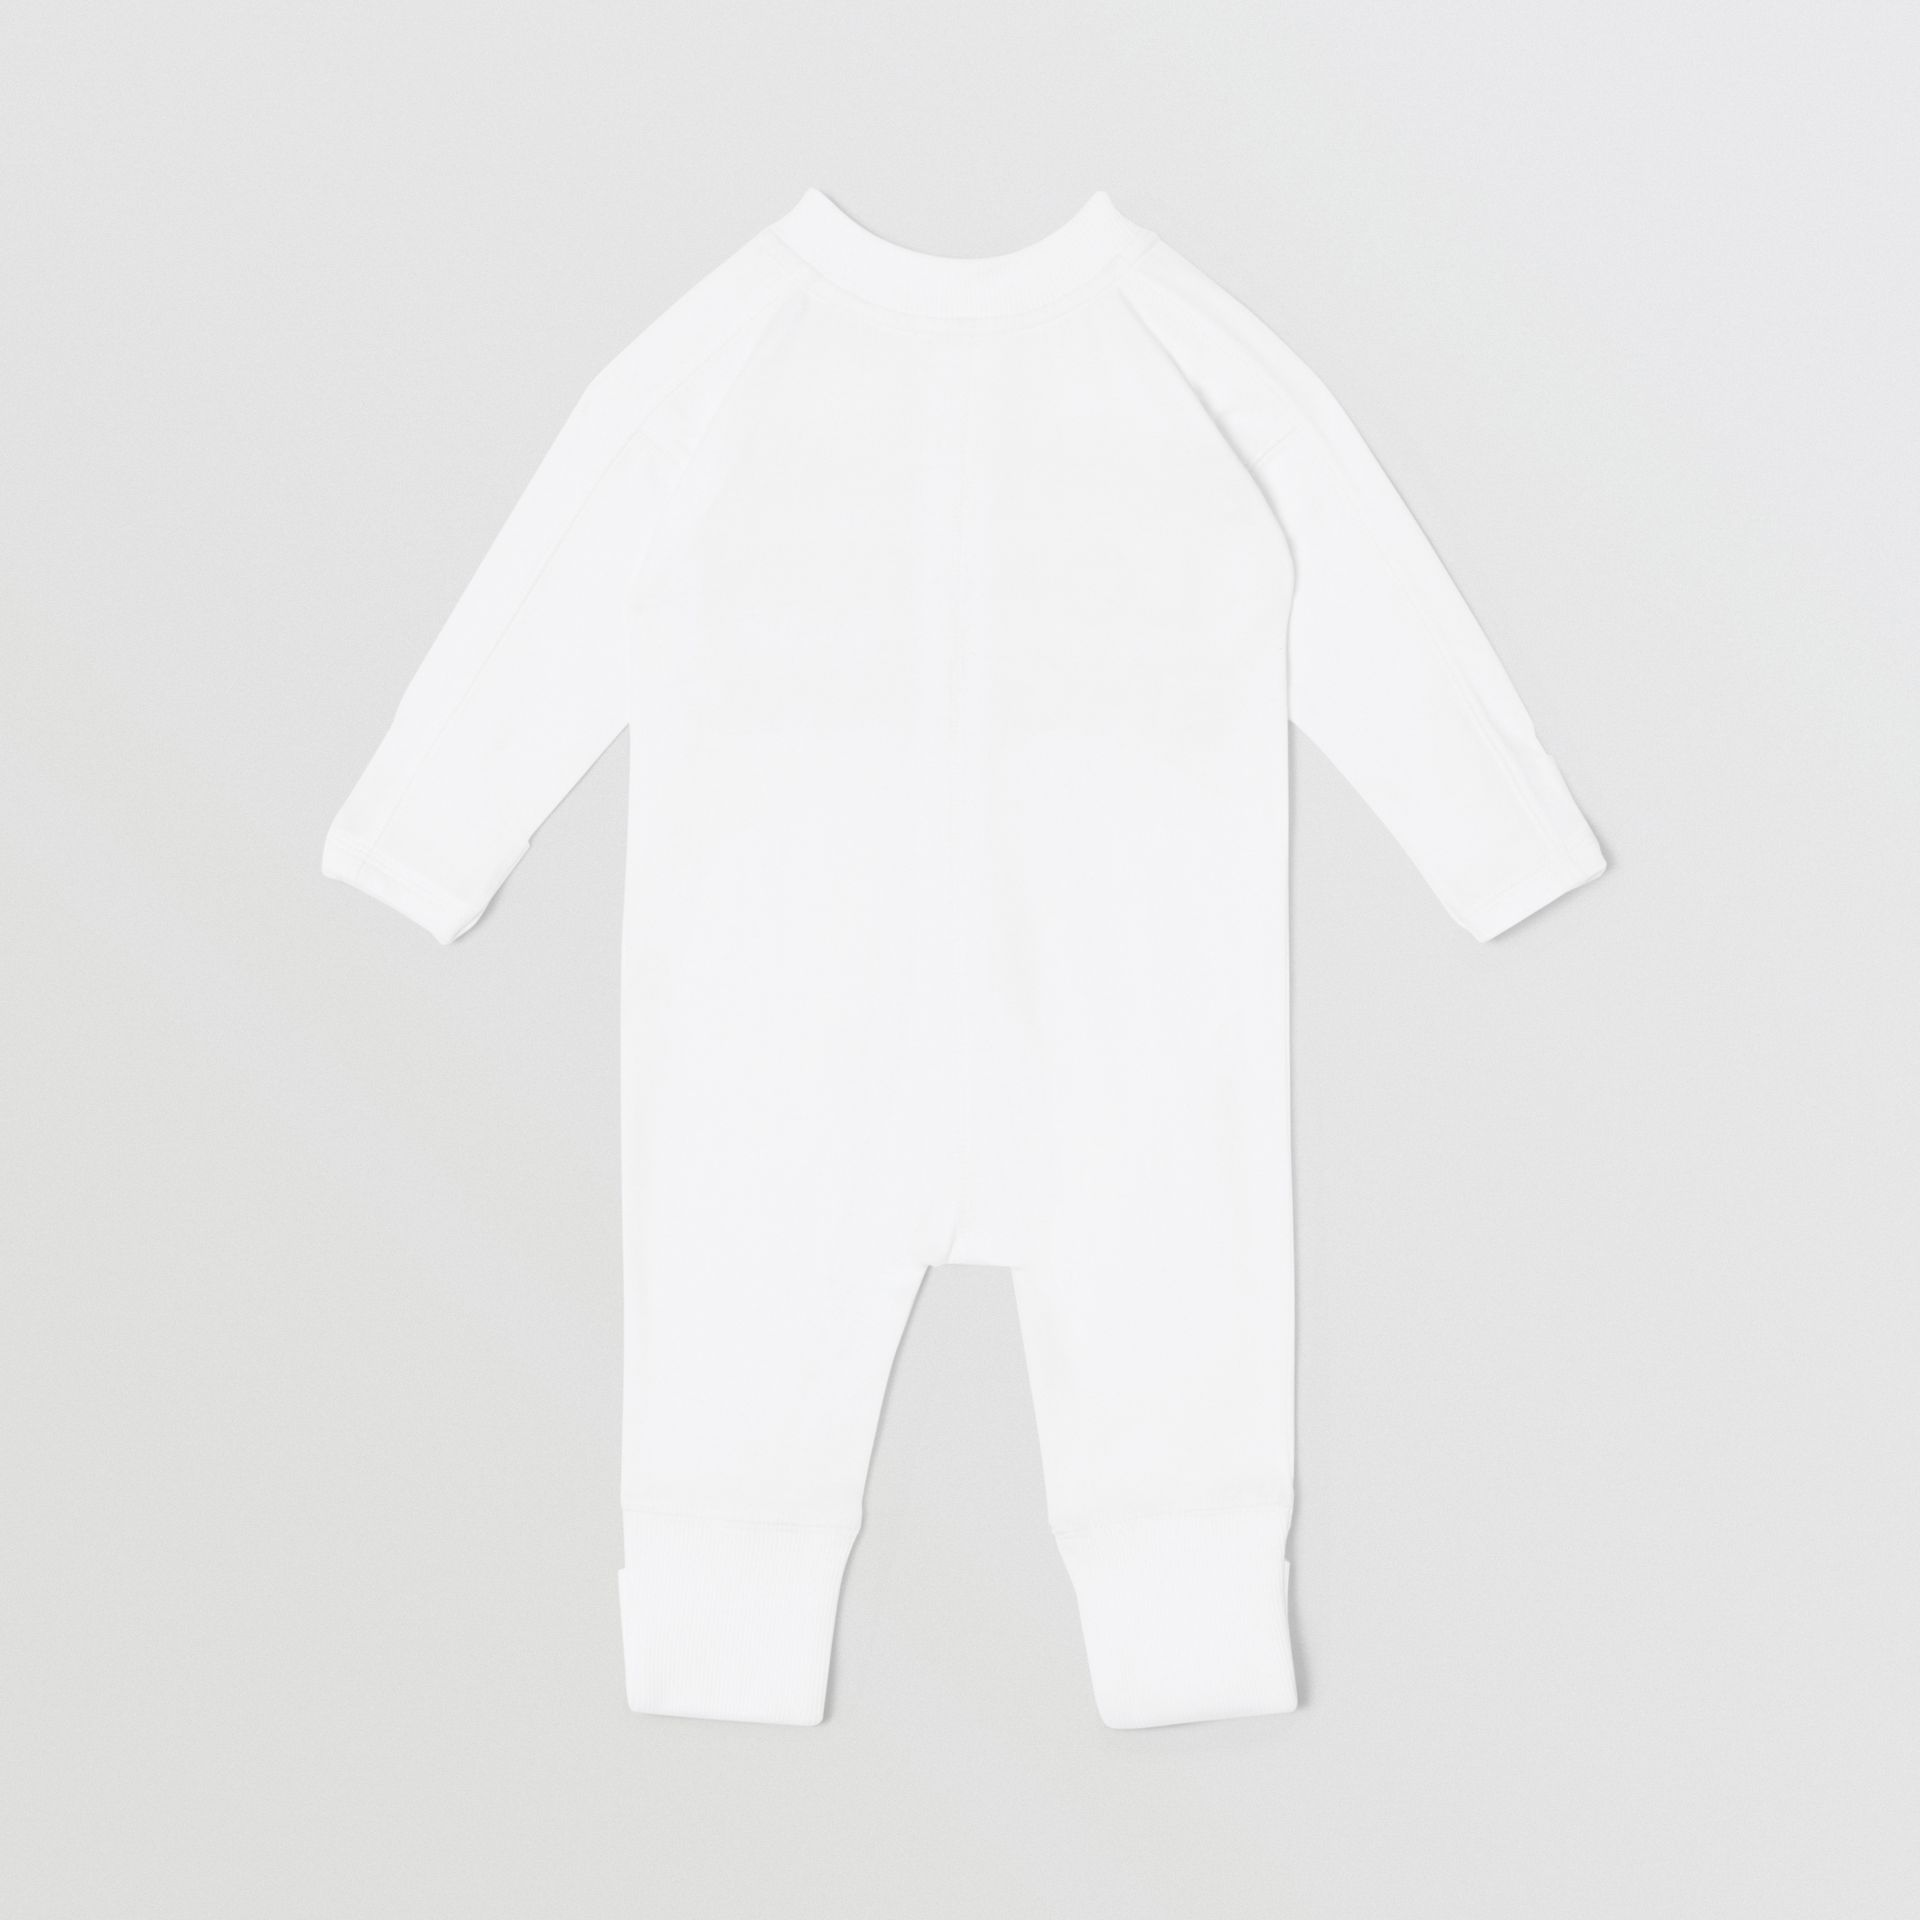 Set regalo da due pezzi in cotone biologico per neonato con stampa del logo (Bianco) - Bambini | Burberry - immagine della galleria 4